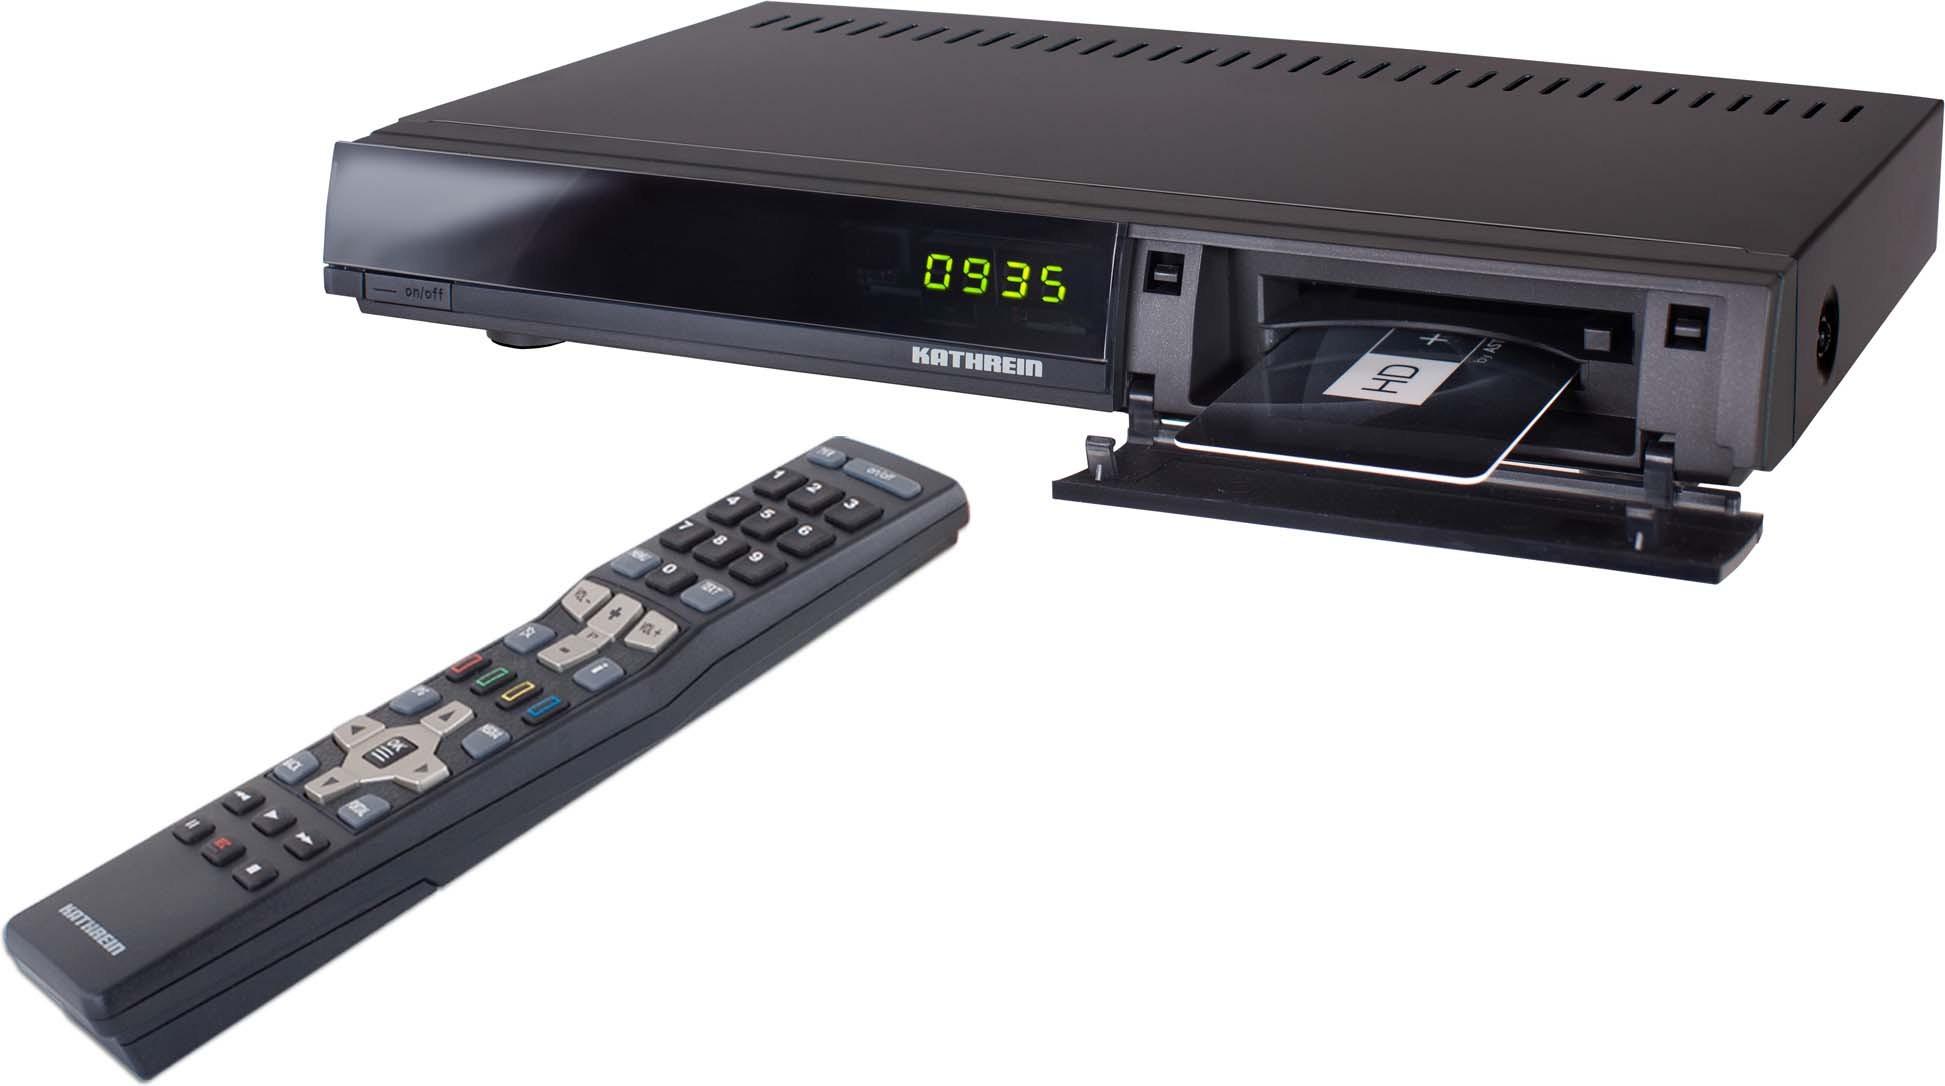 Kathrein Hybrid-HDTV-Sat-Receiver UFS 935sw/HD+ 20210214